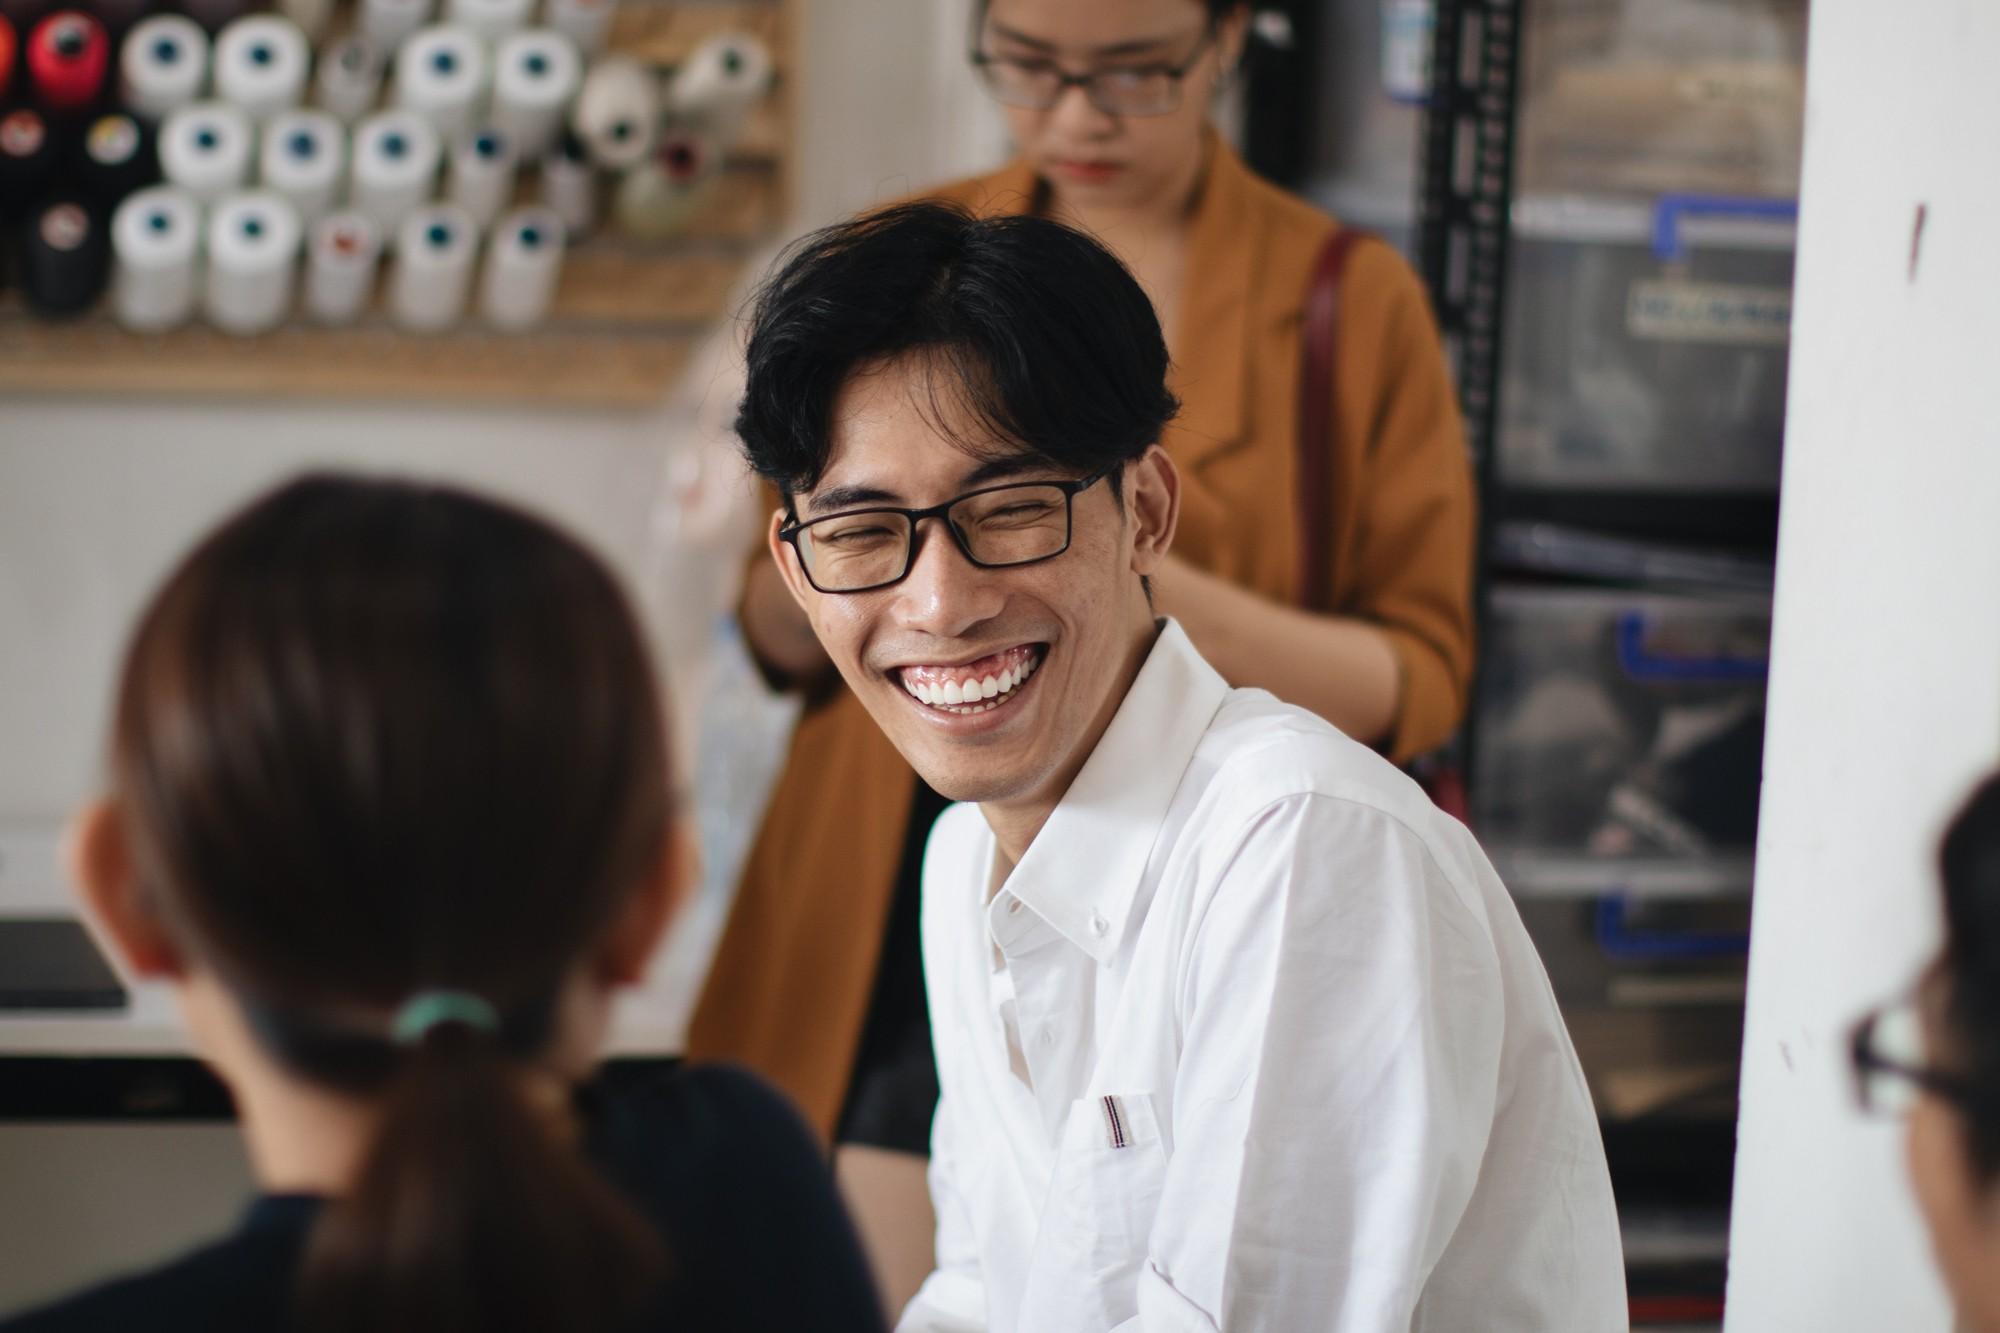 NTK Tom Trandt trong dự án với Converse Renew tại Việt Nam